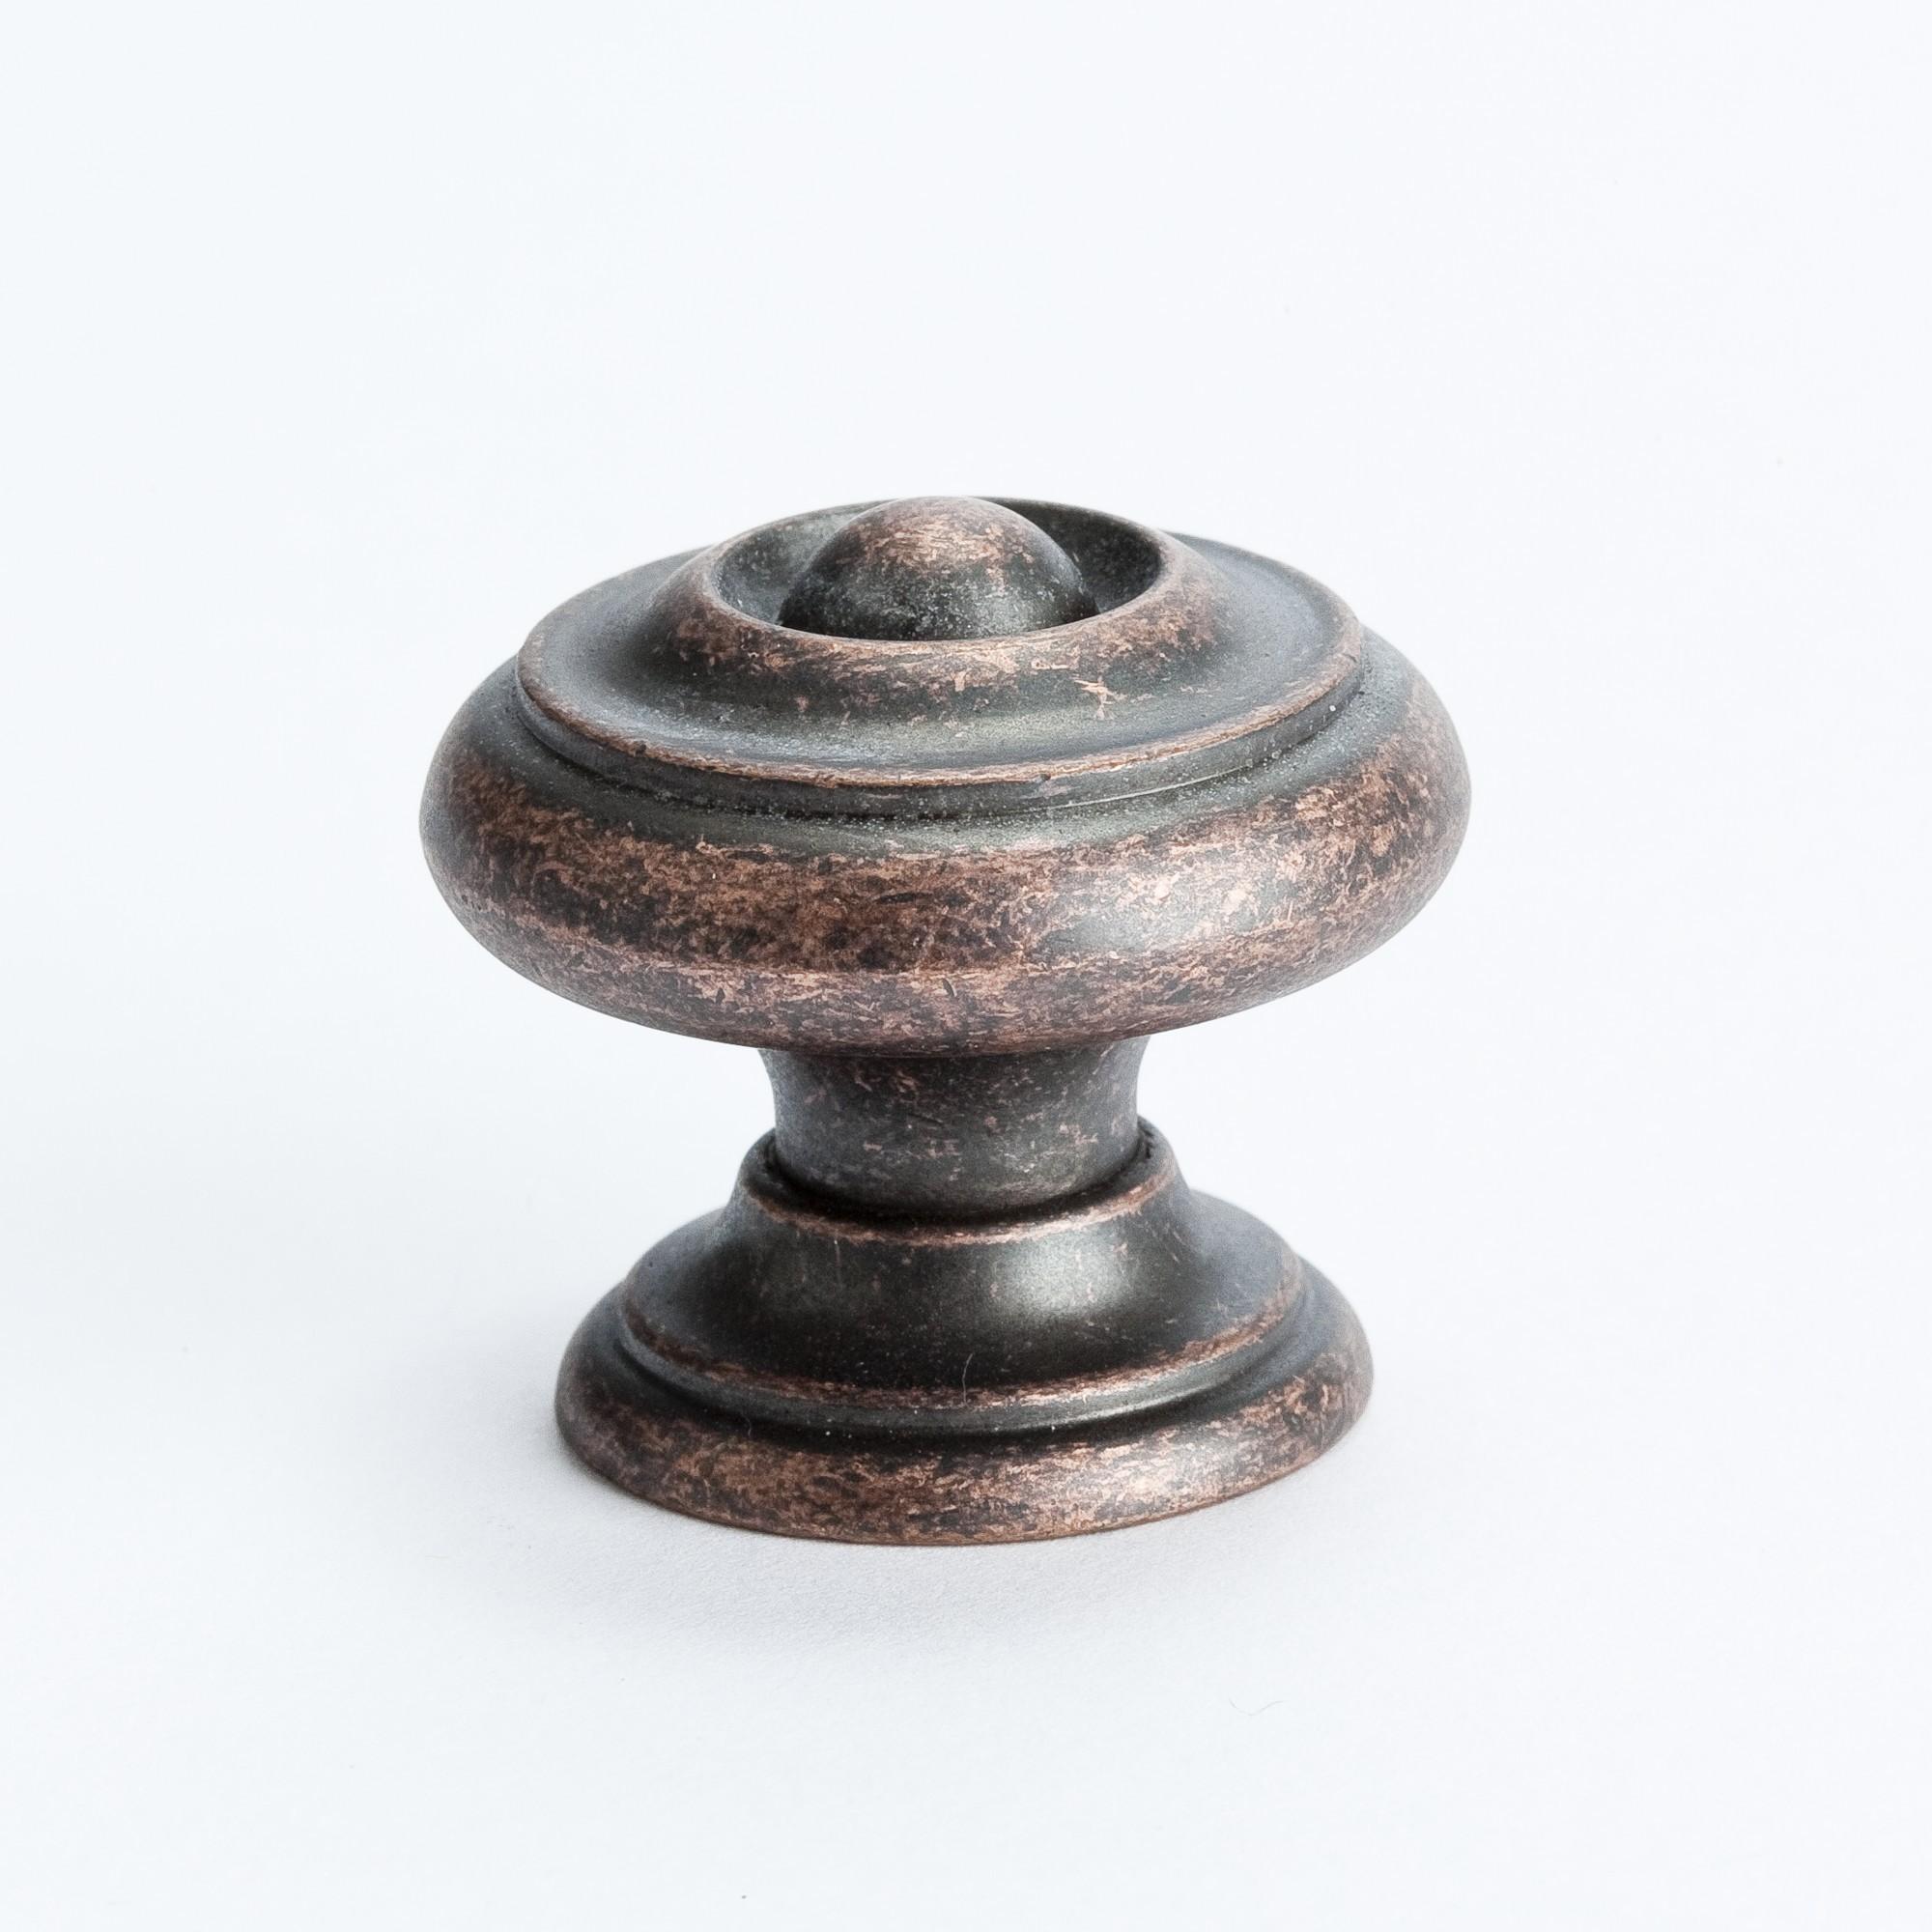 Knob (Rustic Copper) - 30mm